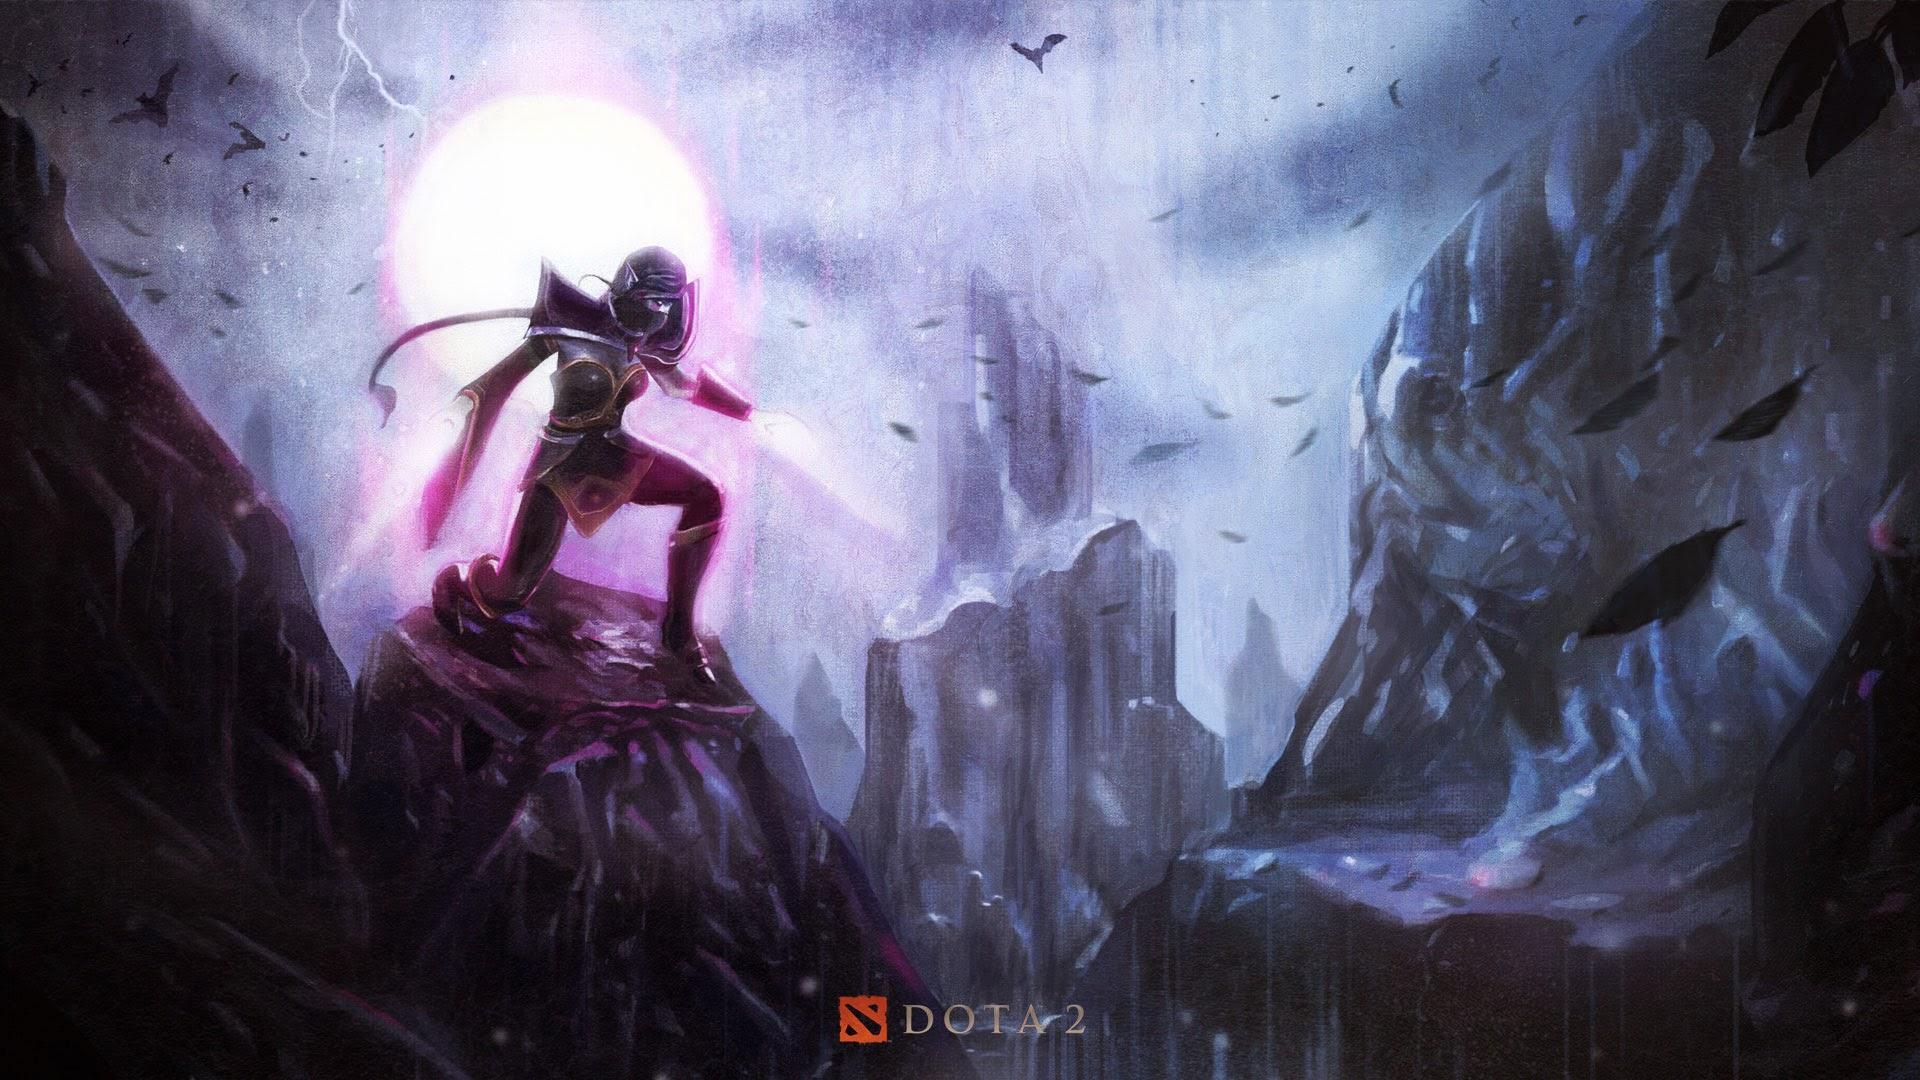 Loạt hình nền tuyệt đẹp của DotA 2 Trung Quốc - Ảnh 7